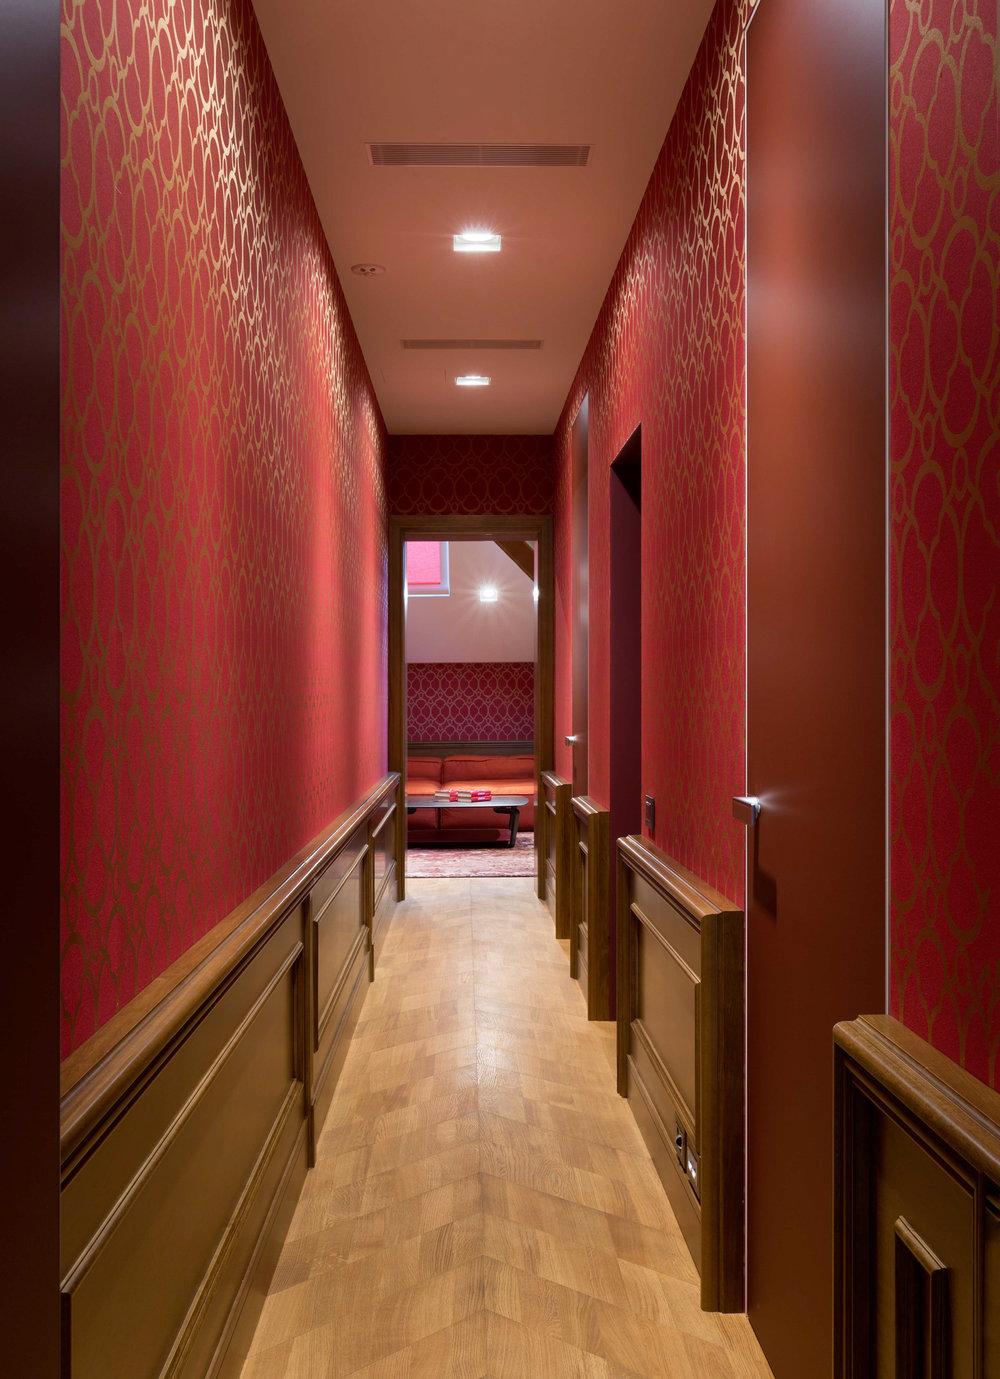 Copy of Wooden parquet in red home interior. Деревянный паркет в интерьере красных тонов.